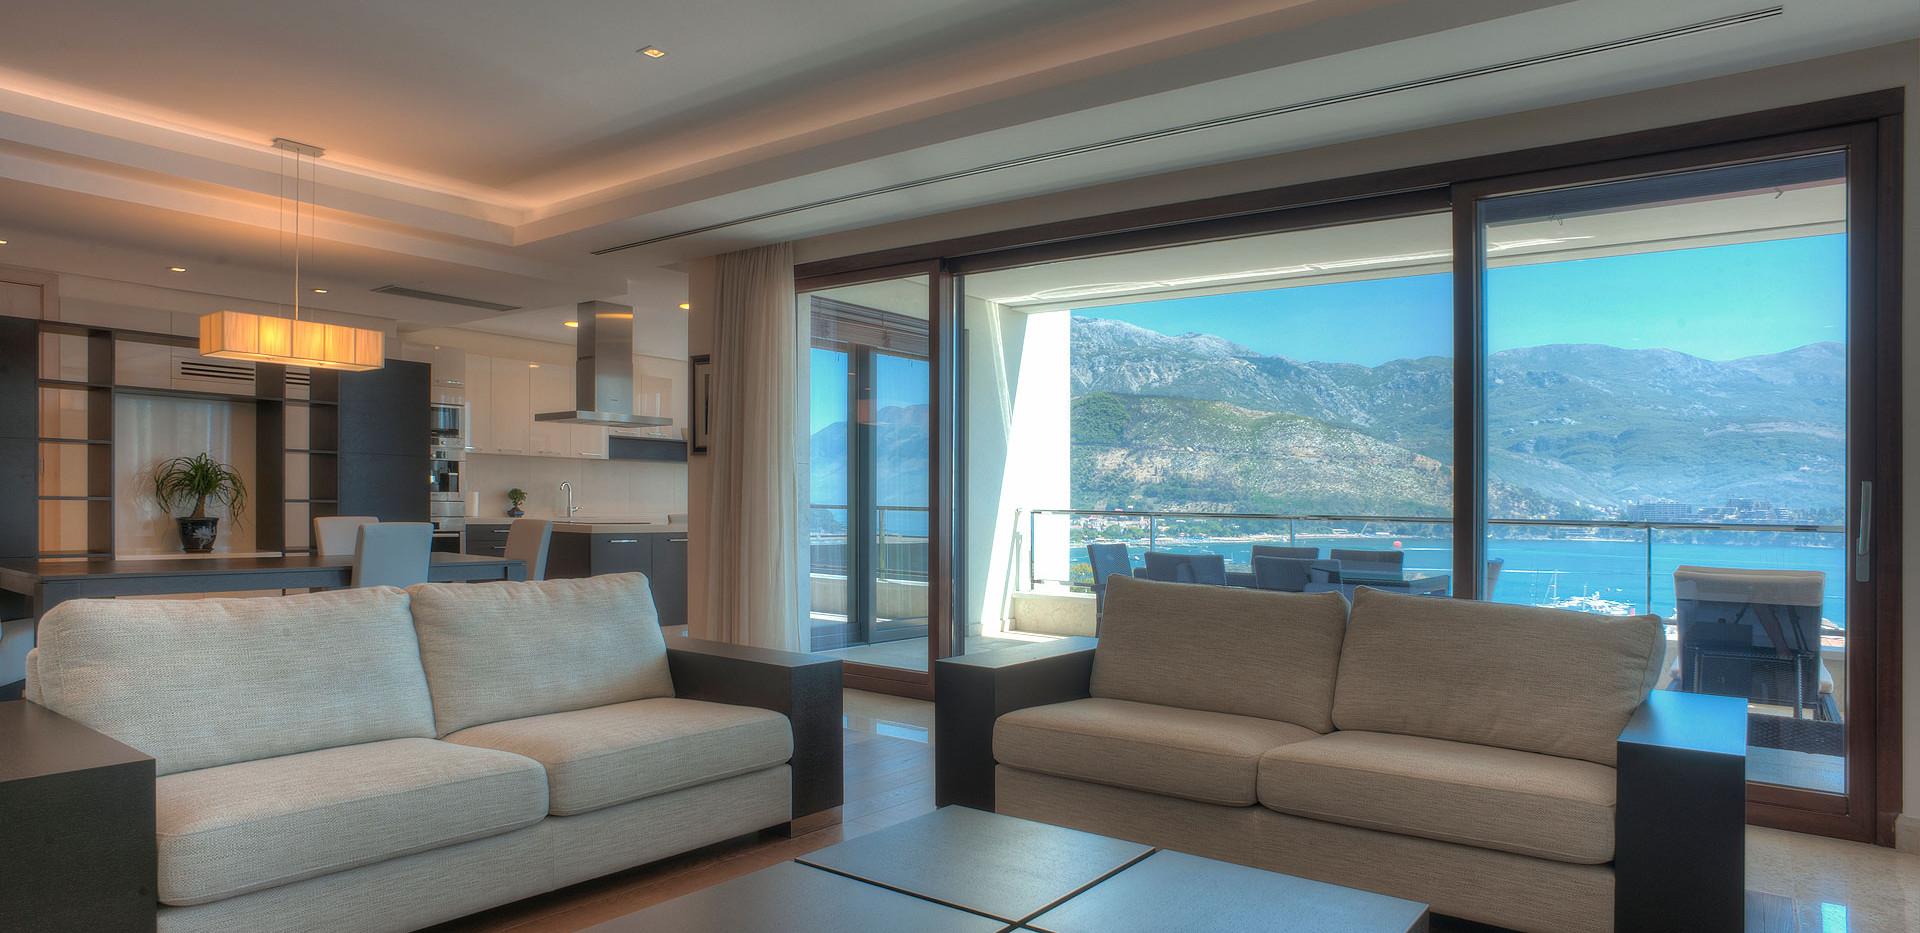 301 living room 4.jpg